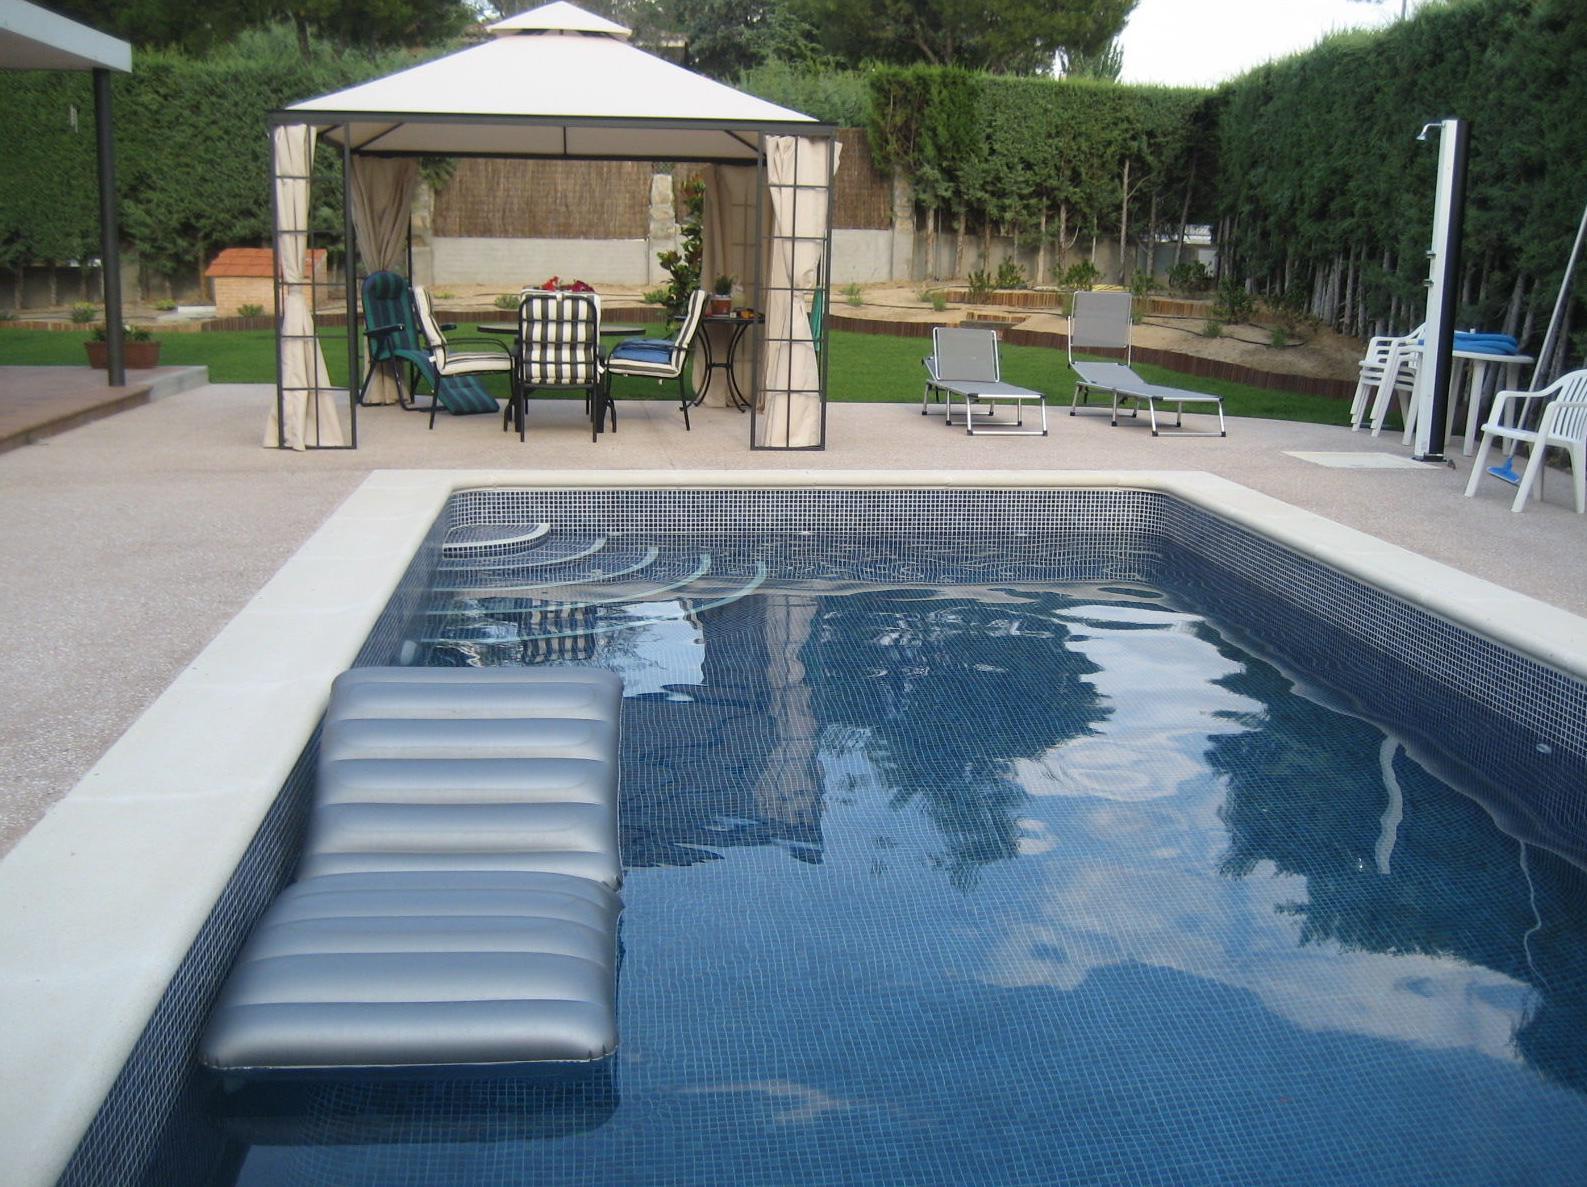 Foto 53 de piscinas instalaci n y mantenimiento en san - Escaleras de piscinas baratas ...